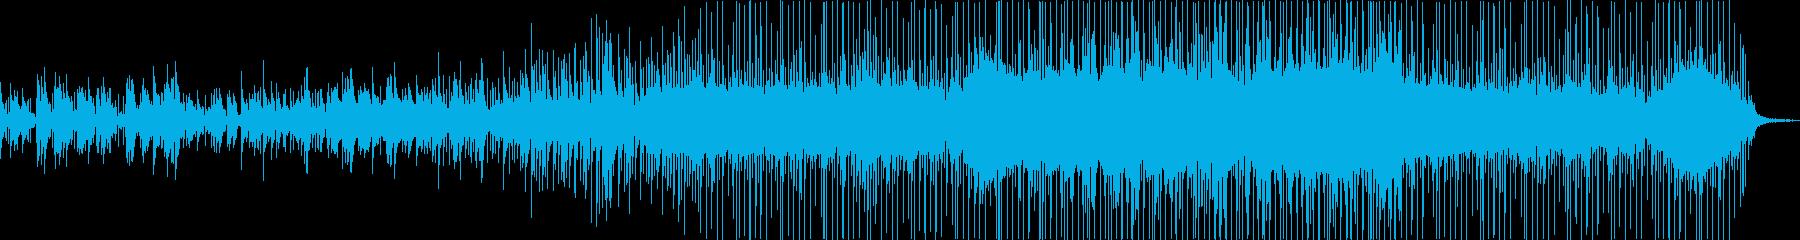 ソウル、リズムnブルー、フュージョ...の再生済みの波形